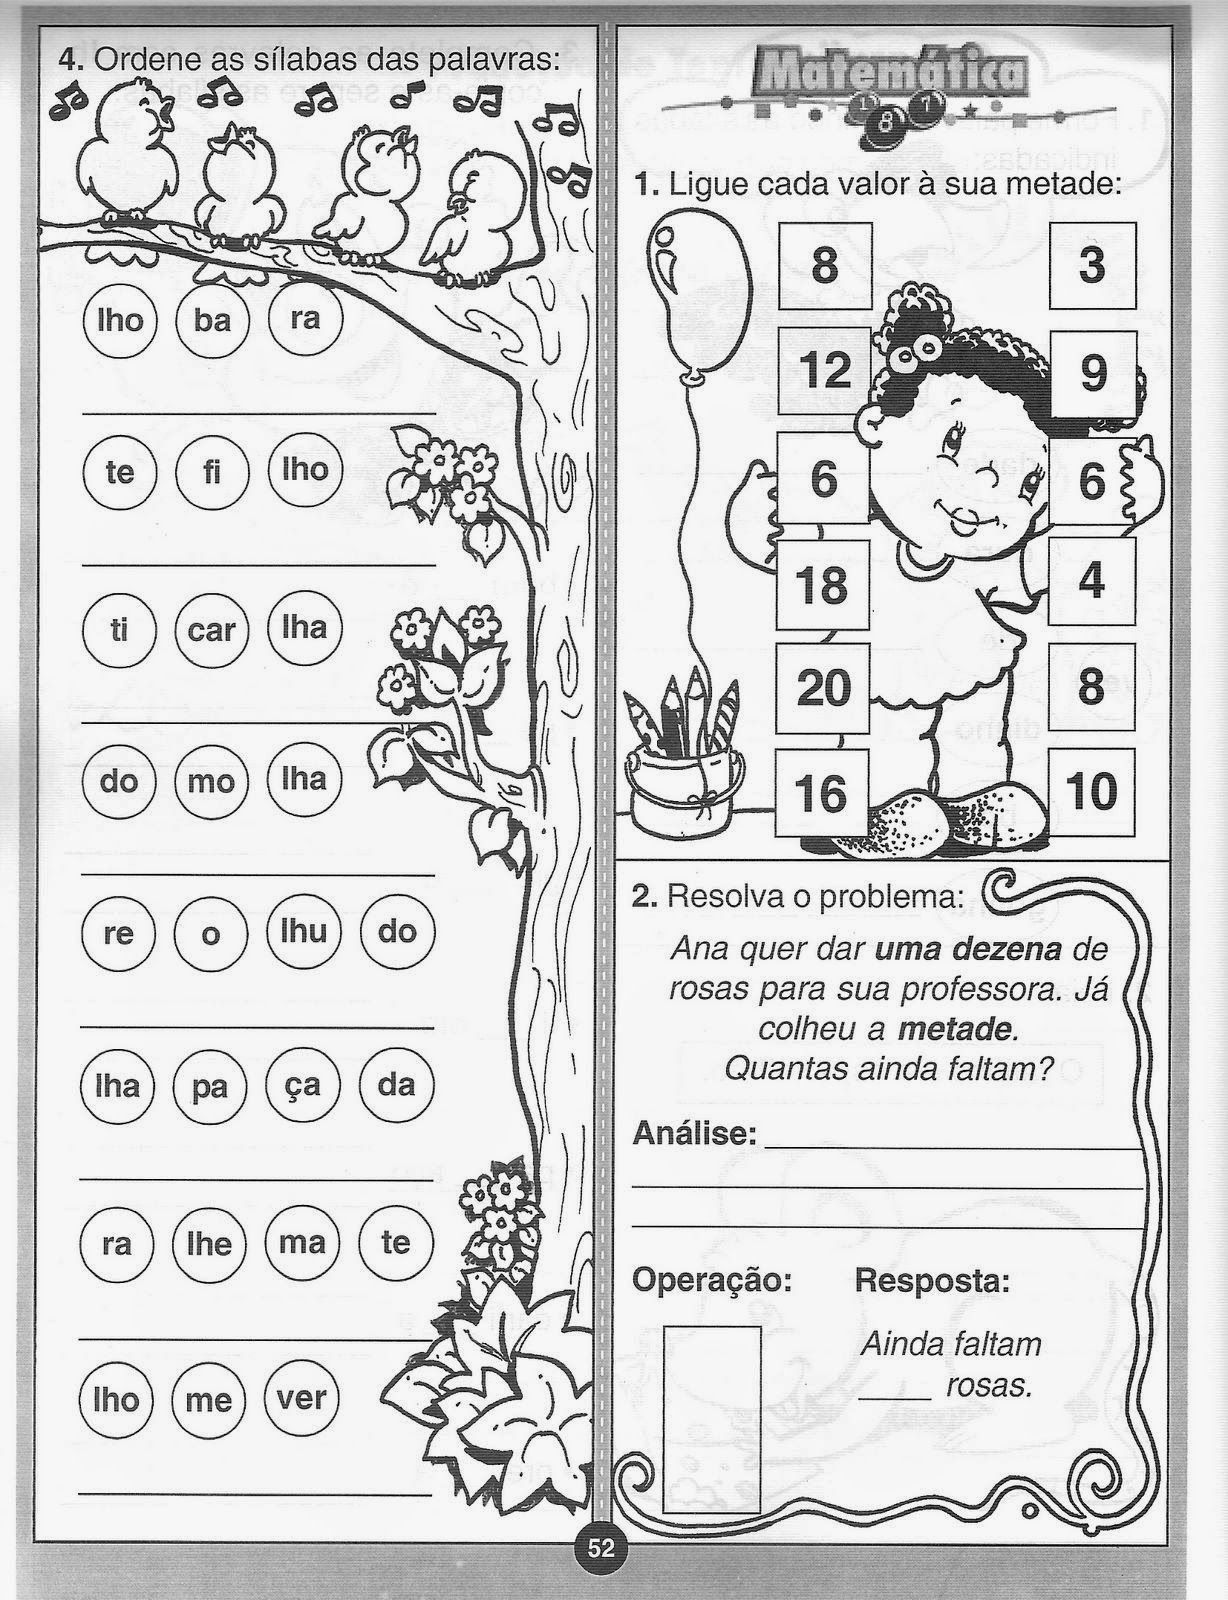 70 Atividades De Alfabetizacao Ed Infantil Pre Creche Com Imagens